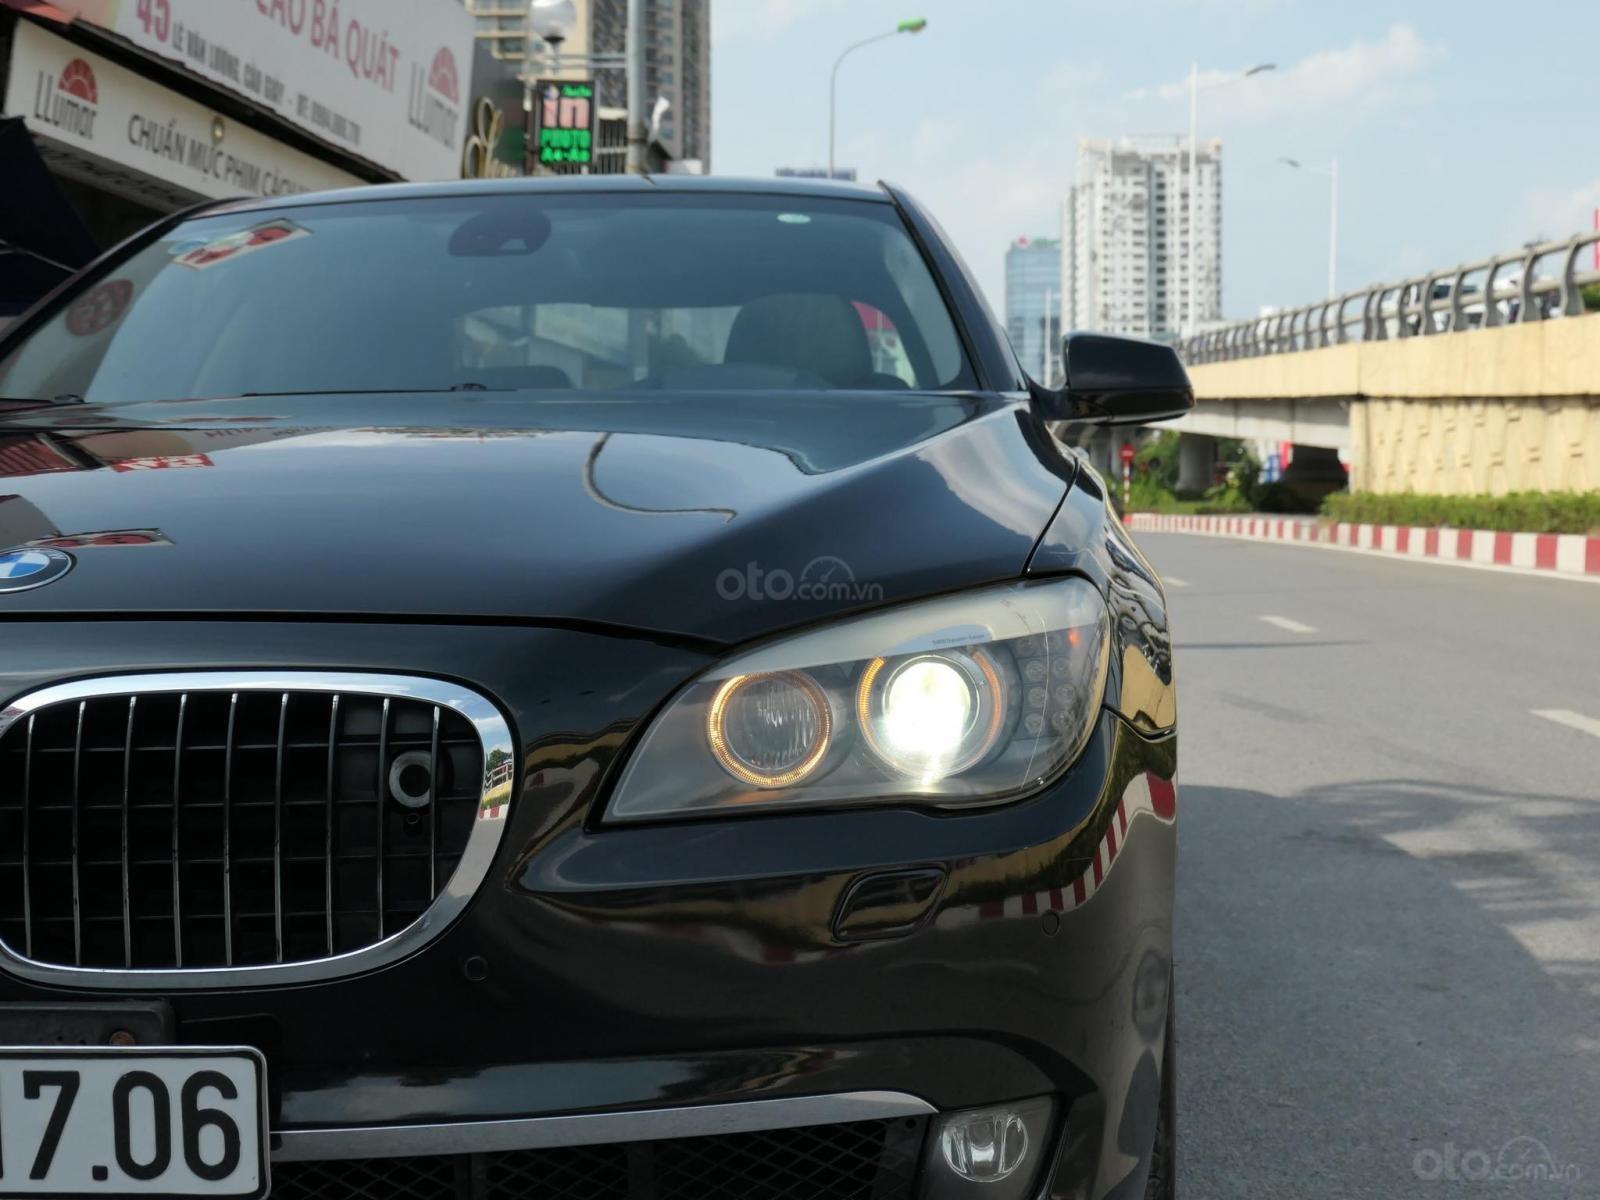 Cần bán BMW 7 Series 2010, màu đen, nhập khẩu, 880 triệu (1)